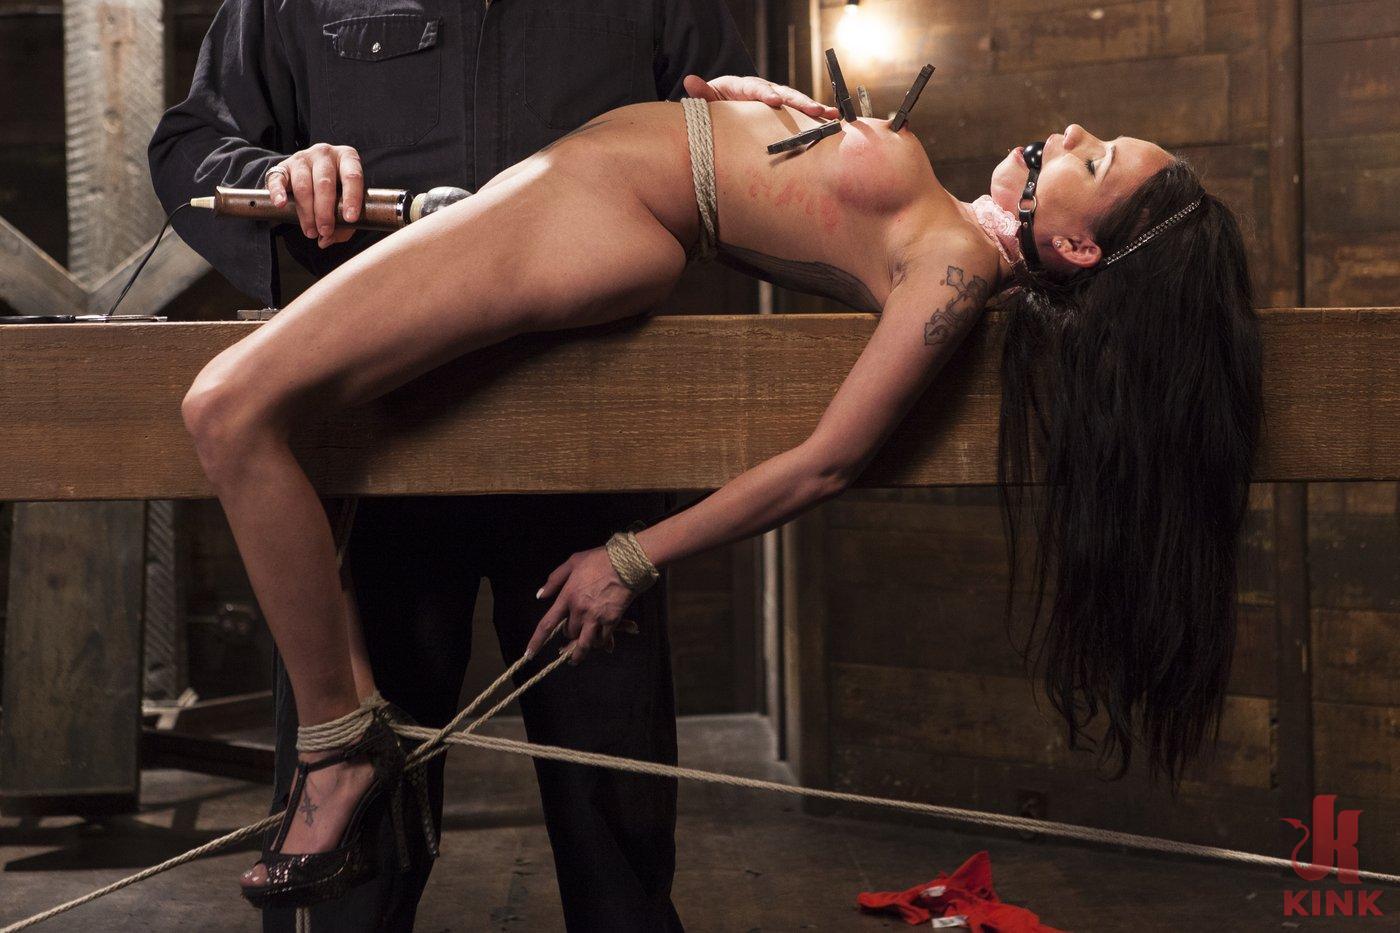 Photo number 10 from Big tit Brunette caught in brutal bondage. shot for Hogtied on Kink.com. Featuring Sgt. Major and Raven Bay in hardcore BDSM & Fetish porn.